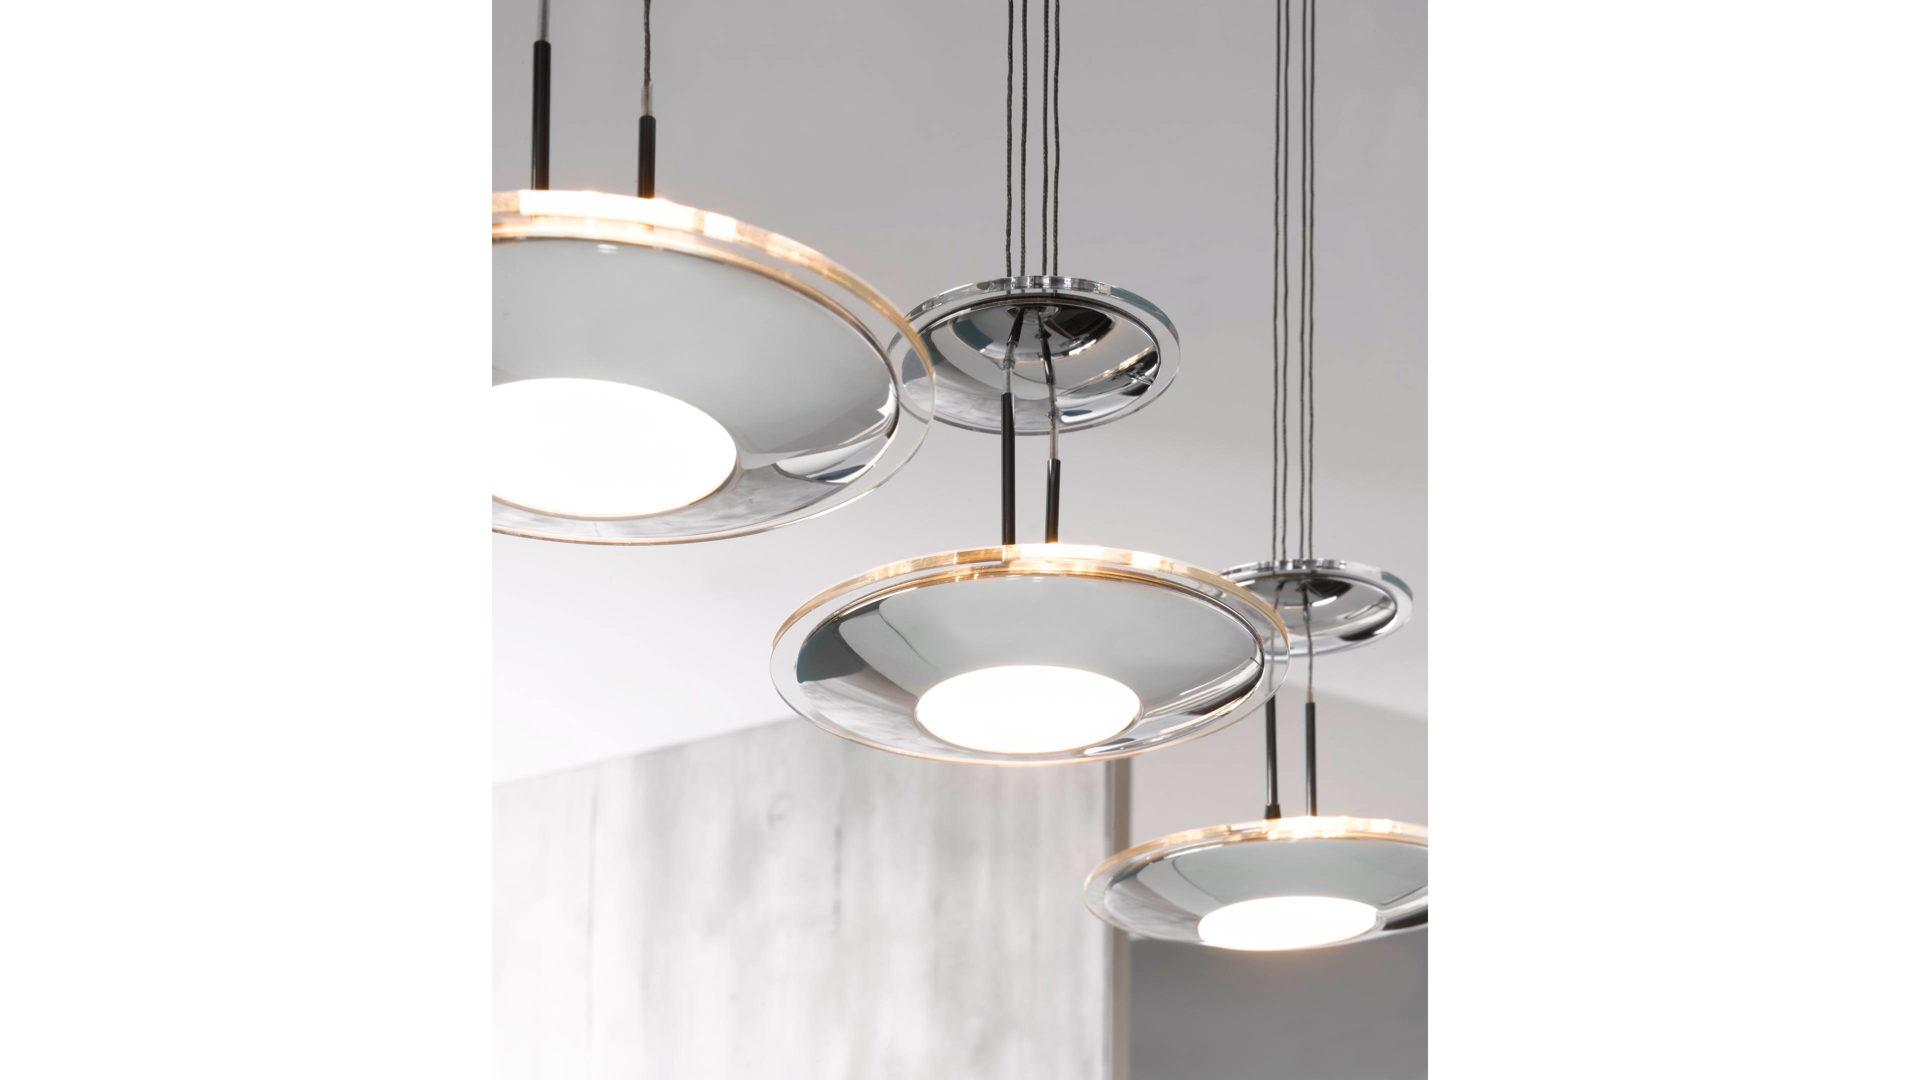 jobst wohnwelt traunreut rume esszimmer lampen leuchten led hngeleuchte noemi in silberfarben in modern trend design junges wohnen - Esszimmer Lampen Led